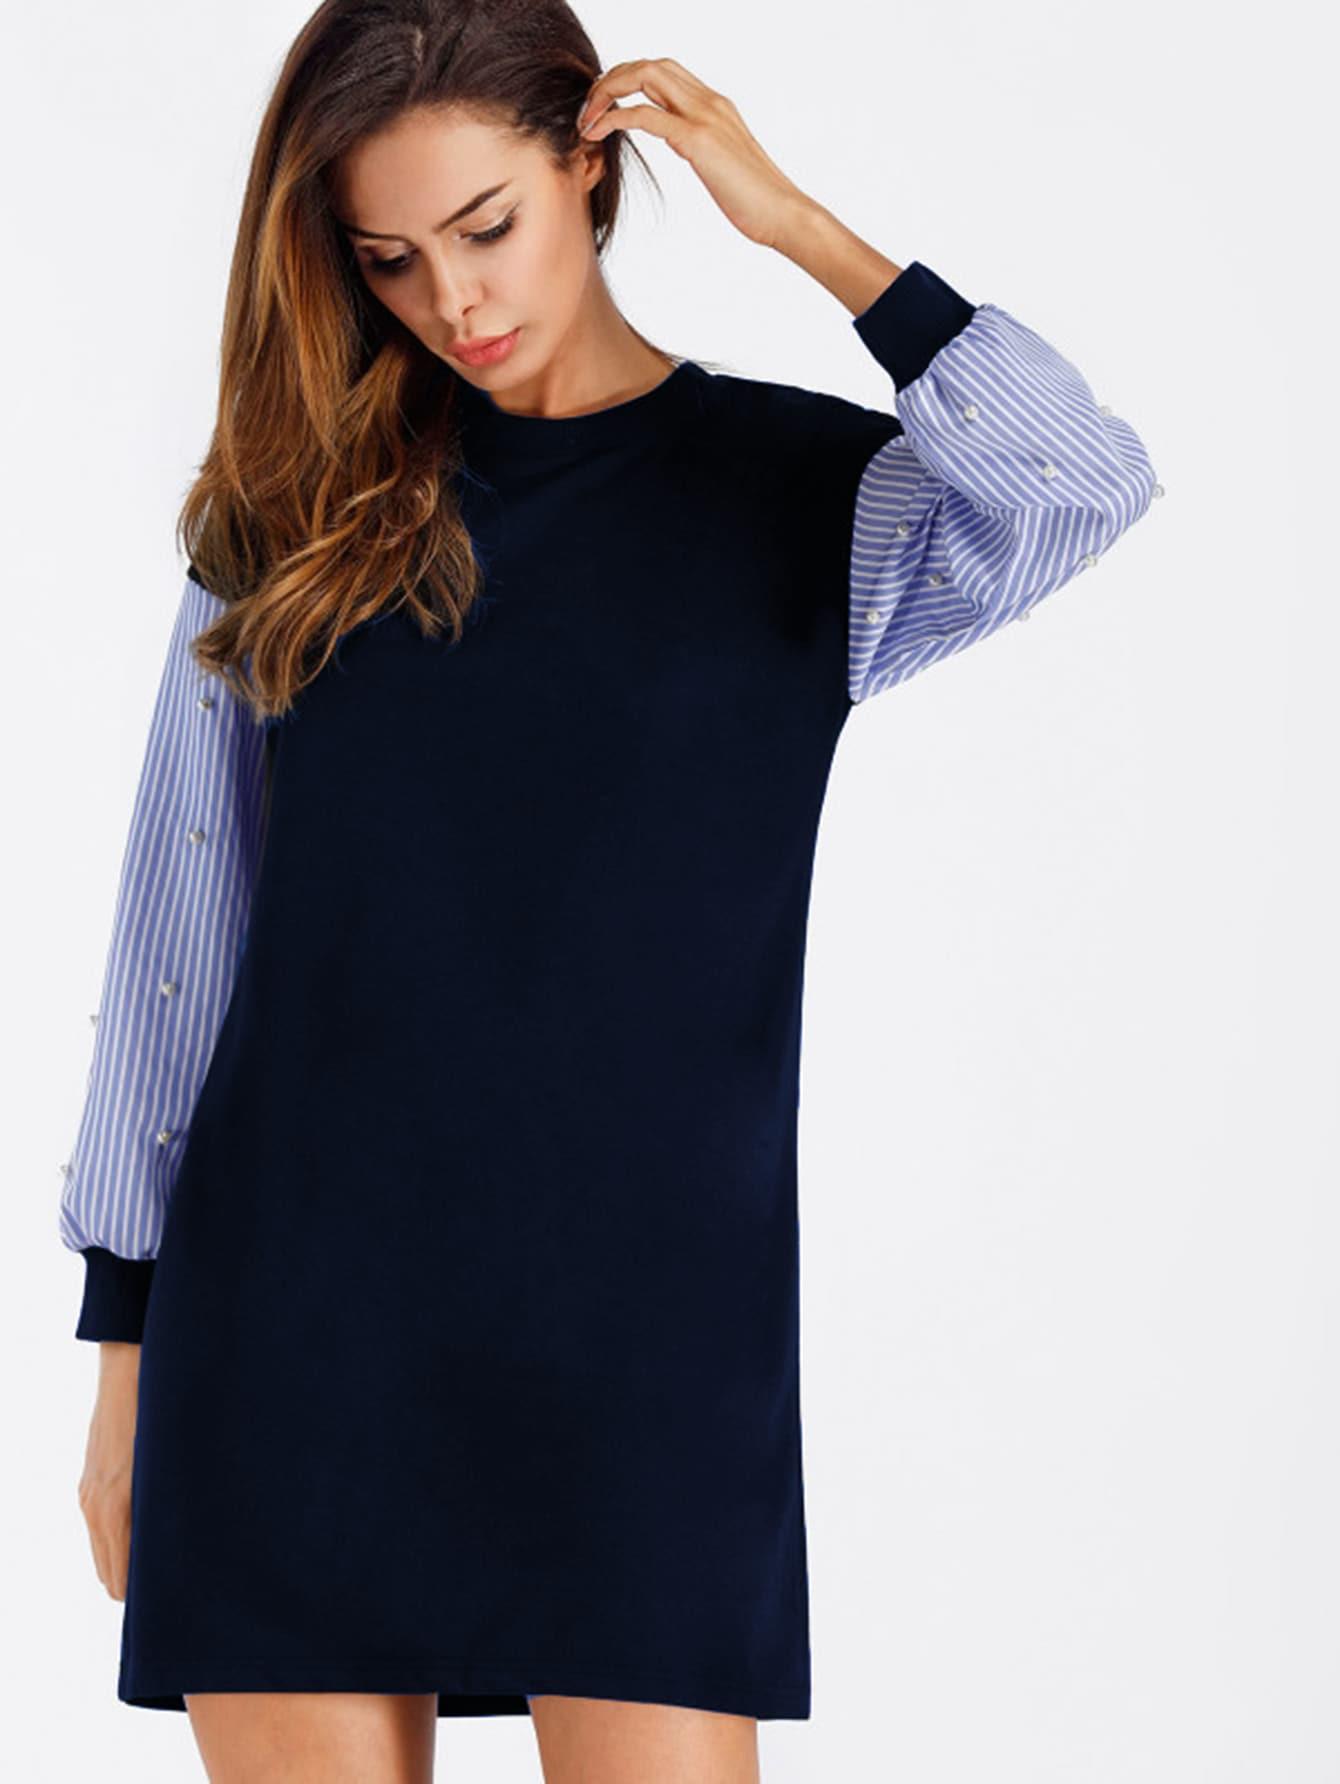 Sweatshirt Kleid mit Streifen auf den Ärmeln und Perlen